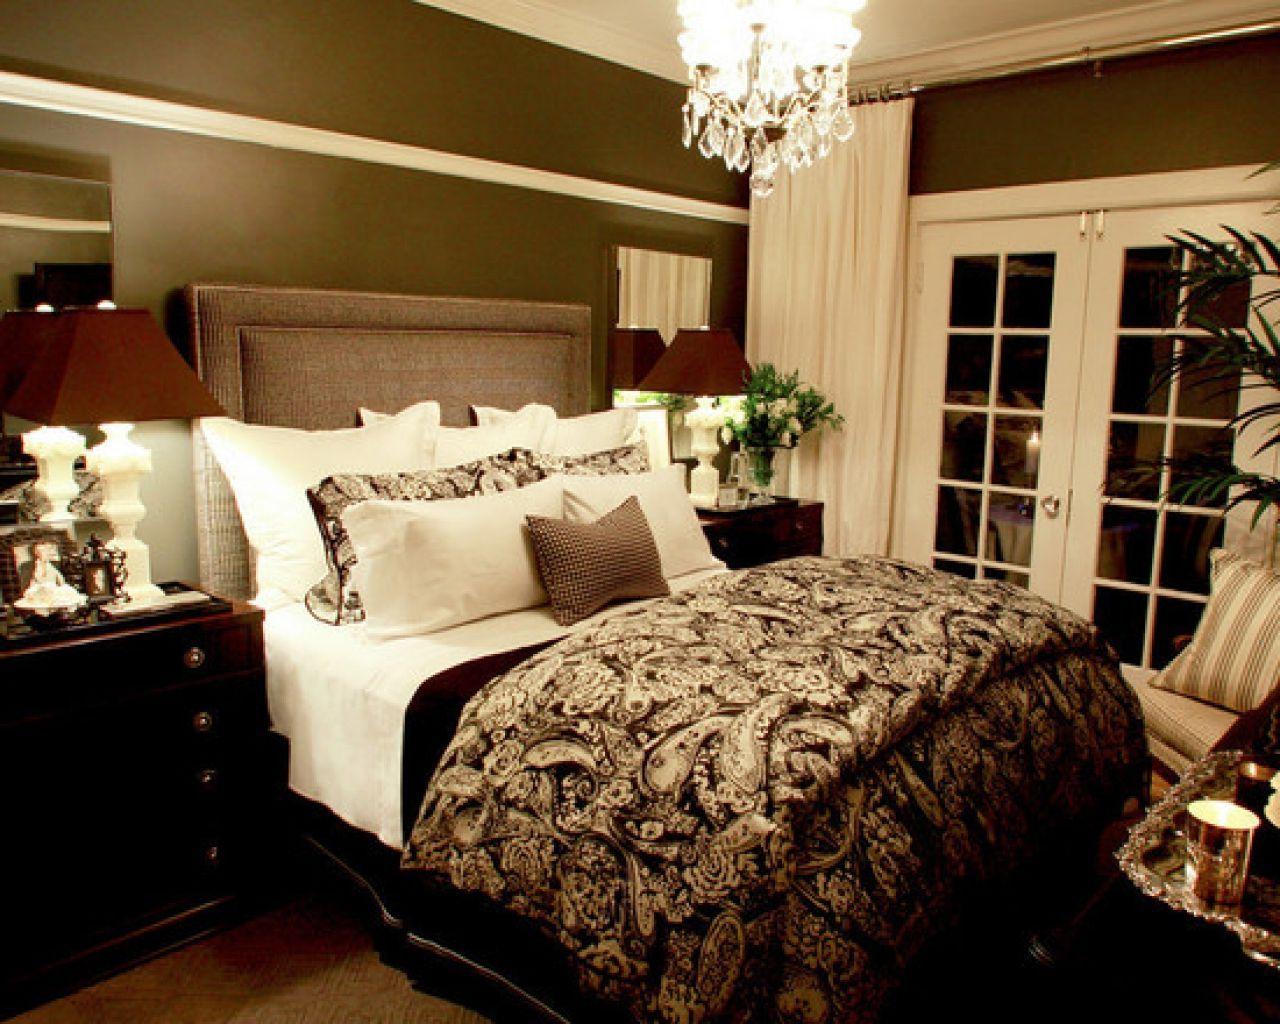 Romantisches schlafzimmer interieur gelten romantisches schlafzimmer ideen für romantische paar